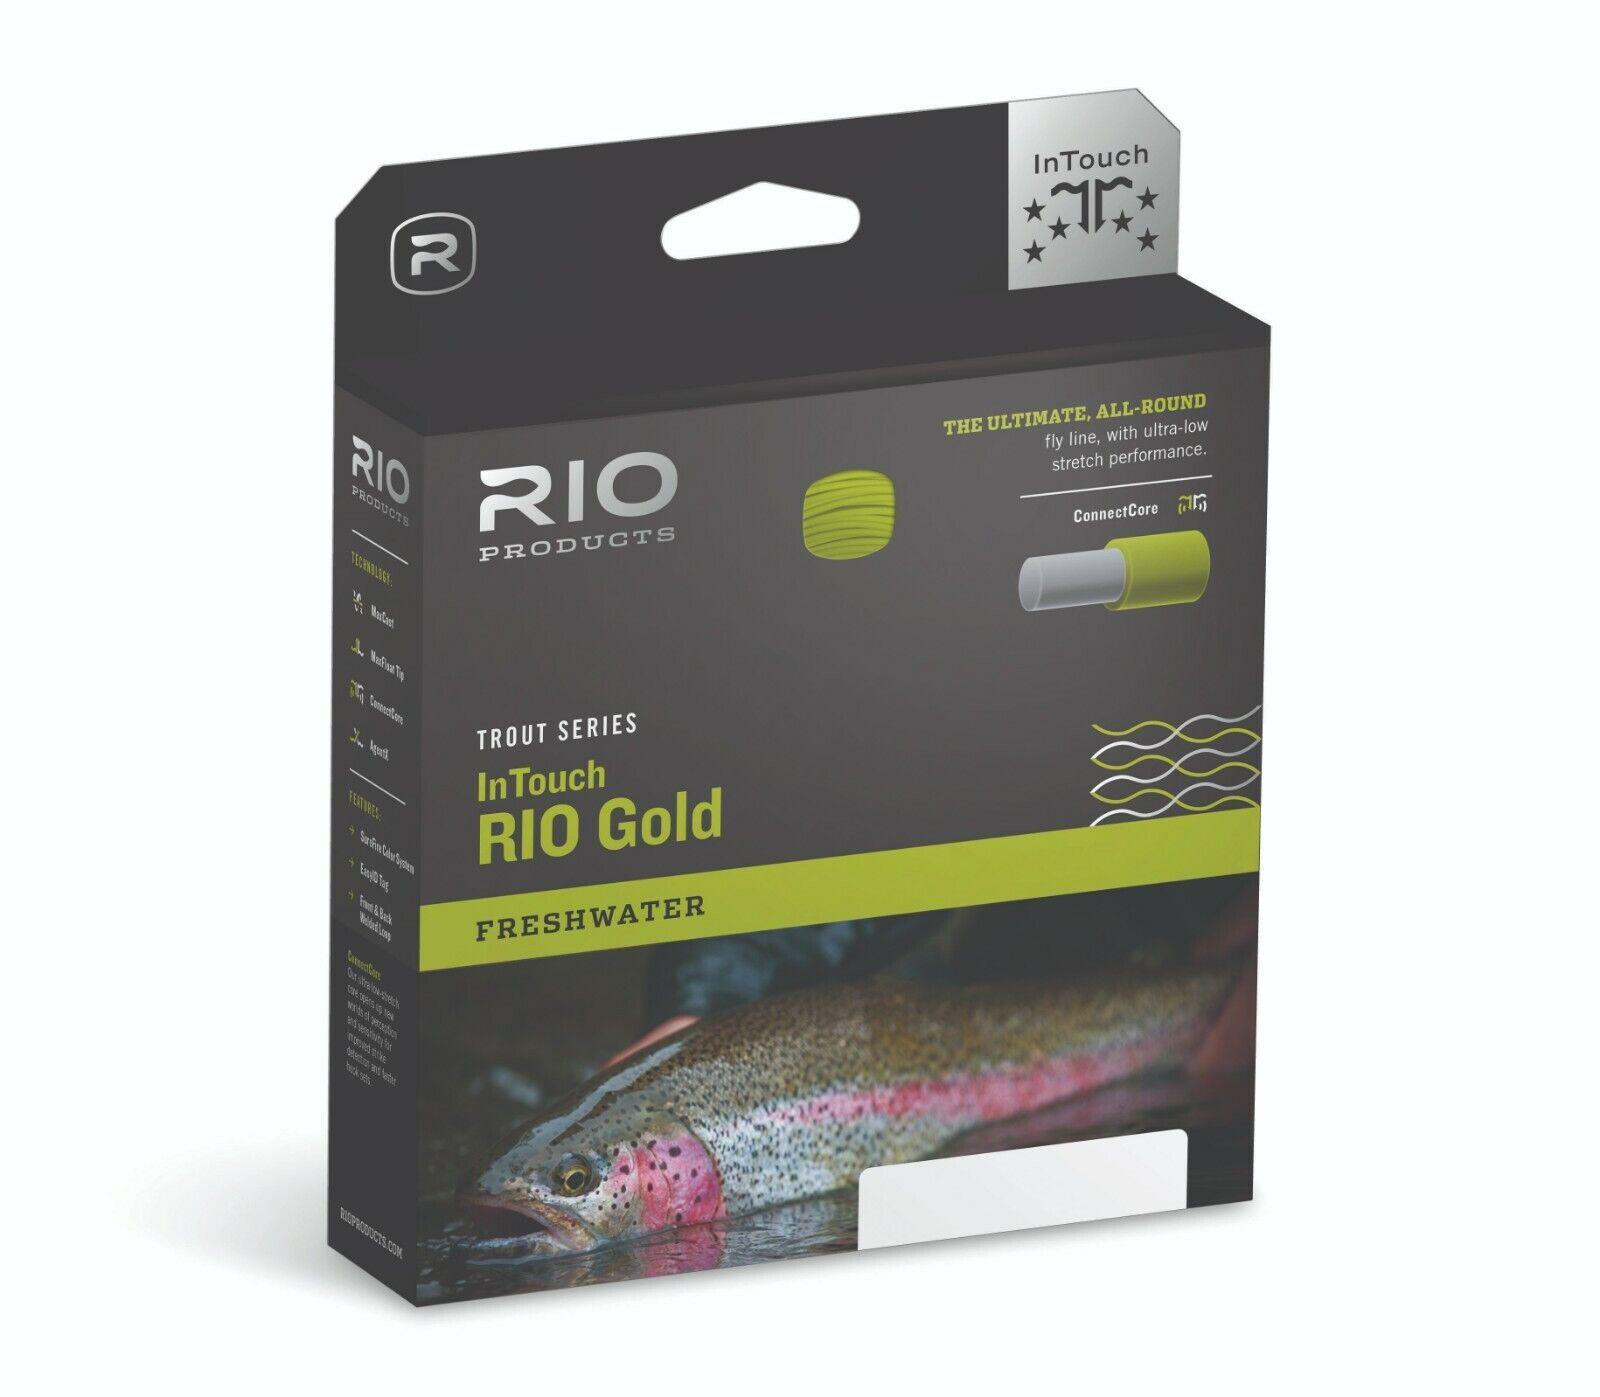 Rio Intouch RIO or WF Mouche Ligne De Pêche (Choisissez options)